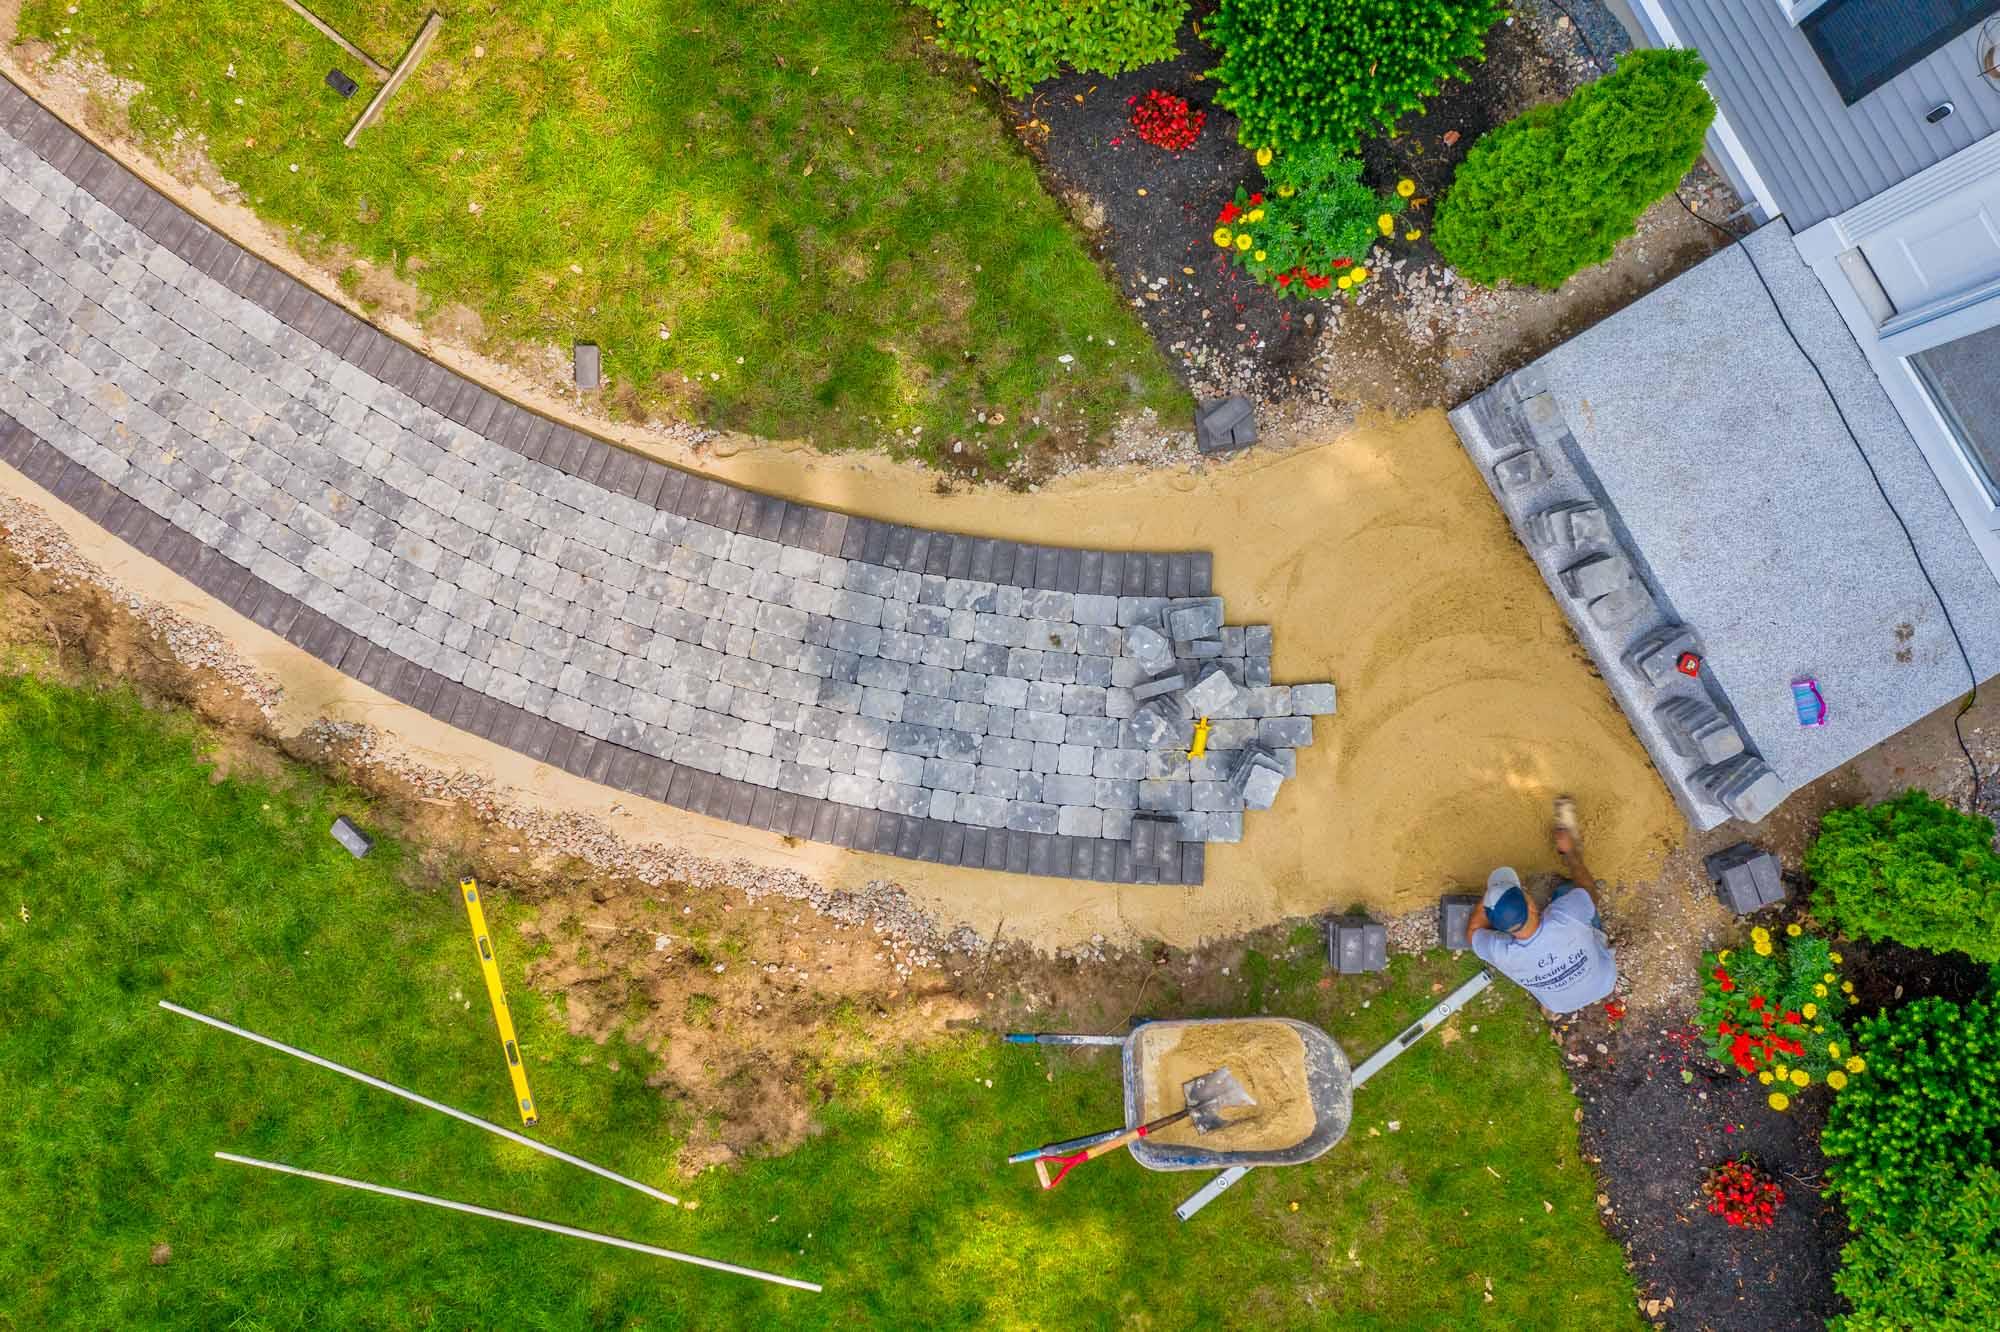 CJ Pickering - 7 Christina Drive Walkway Progress